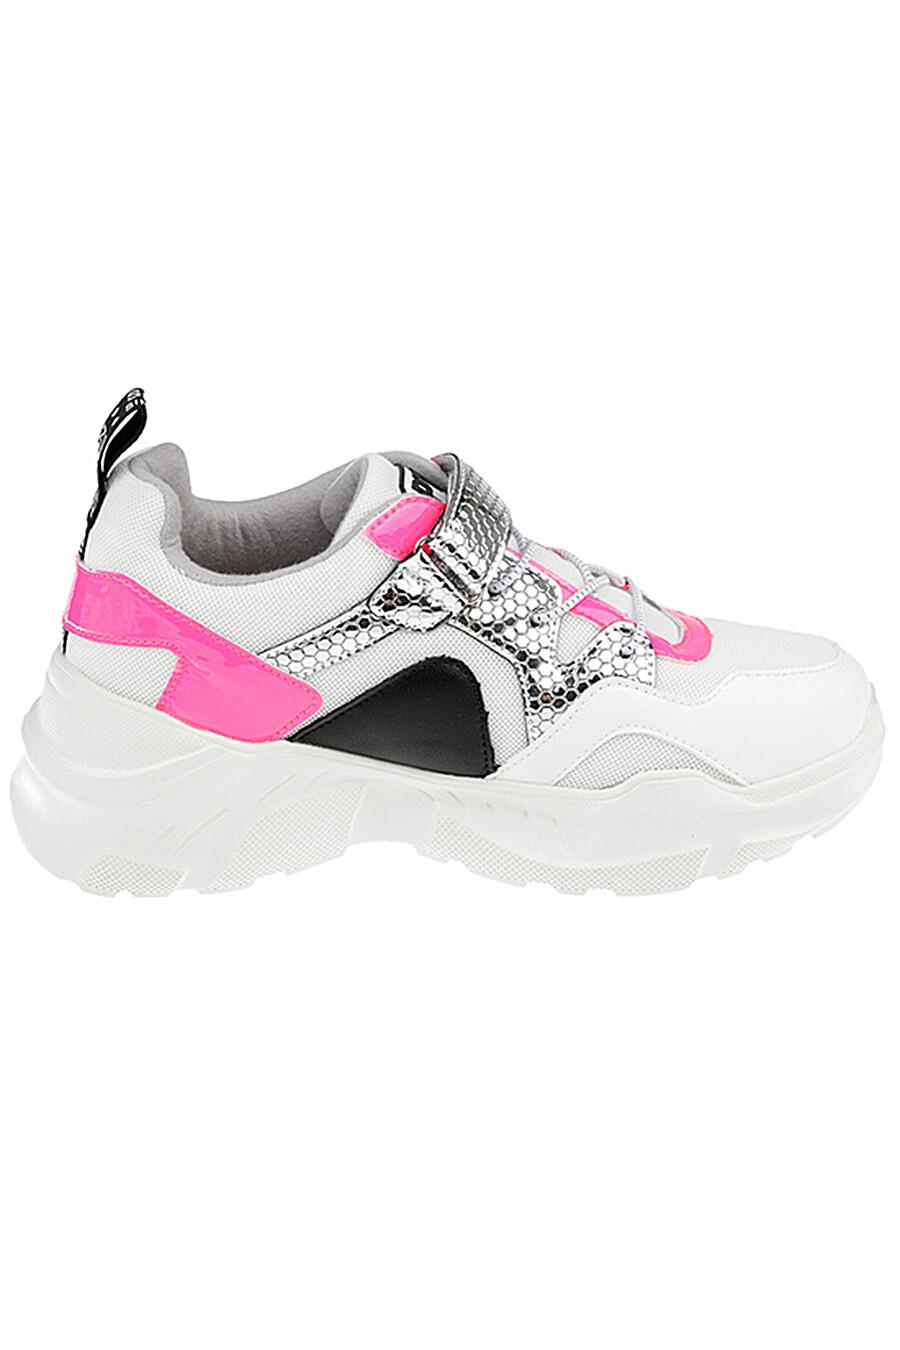 Кроссовки для девочек PLAYTODAY 335004 купить оптом от производителя. Совместная покупка детской одежды в OptMoyo